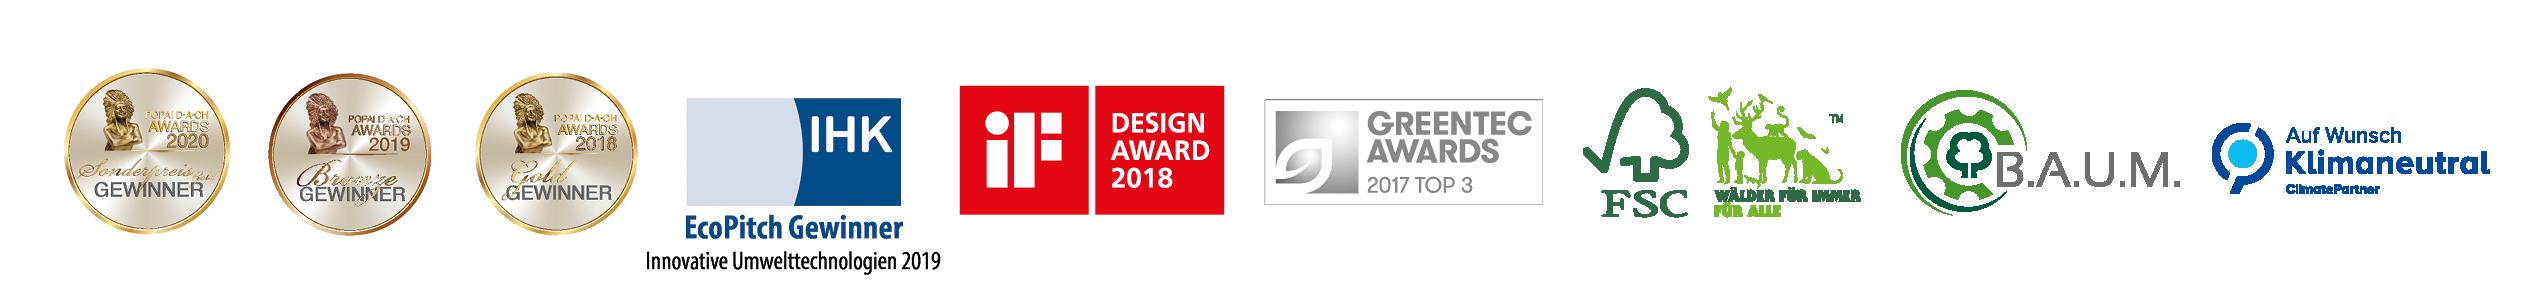 Nachhaltigkeits Awards und Auszeichnungen